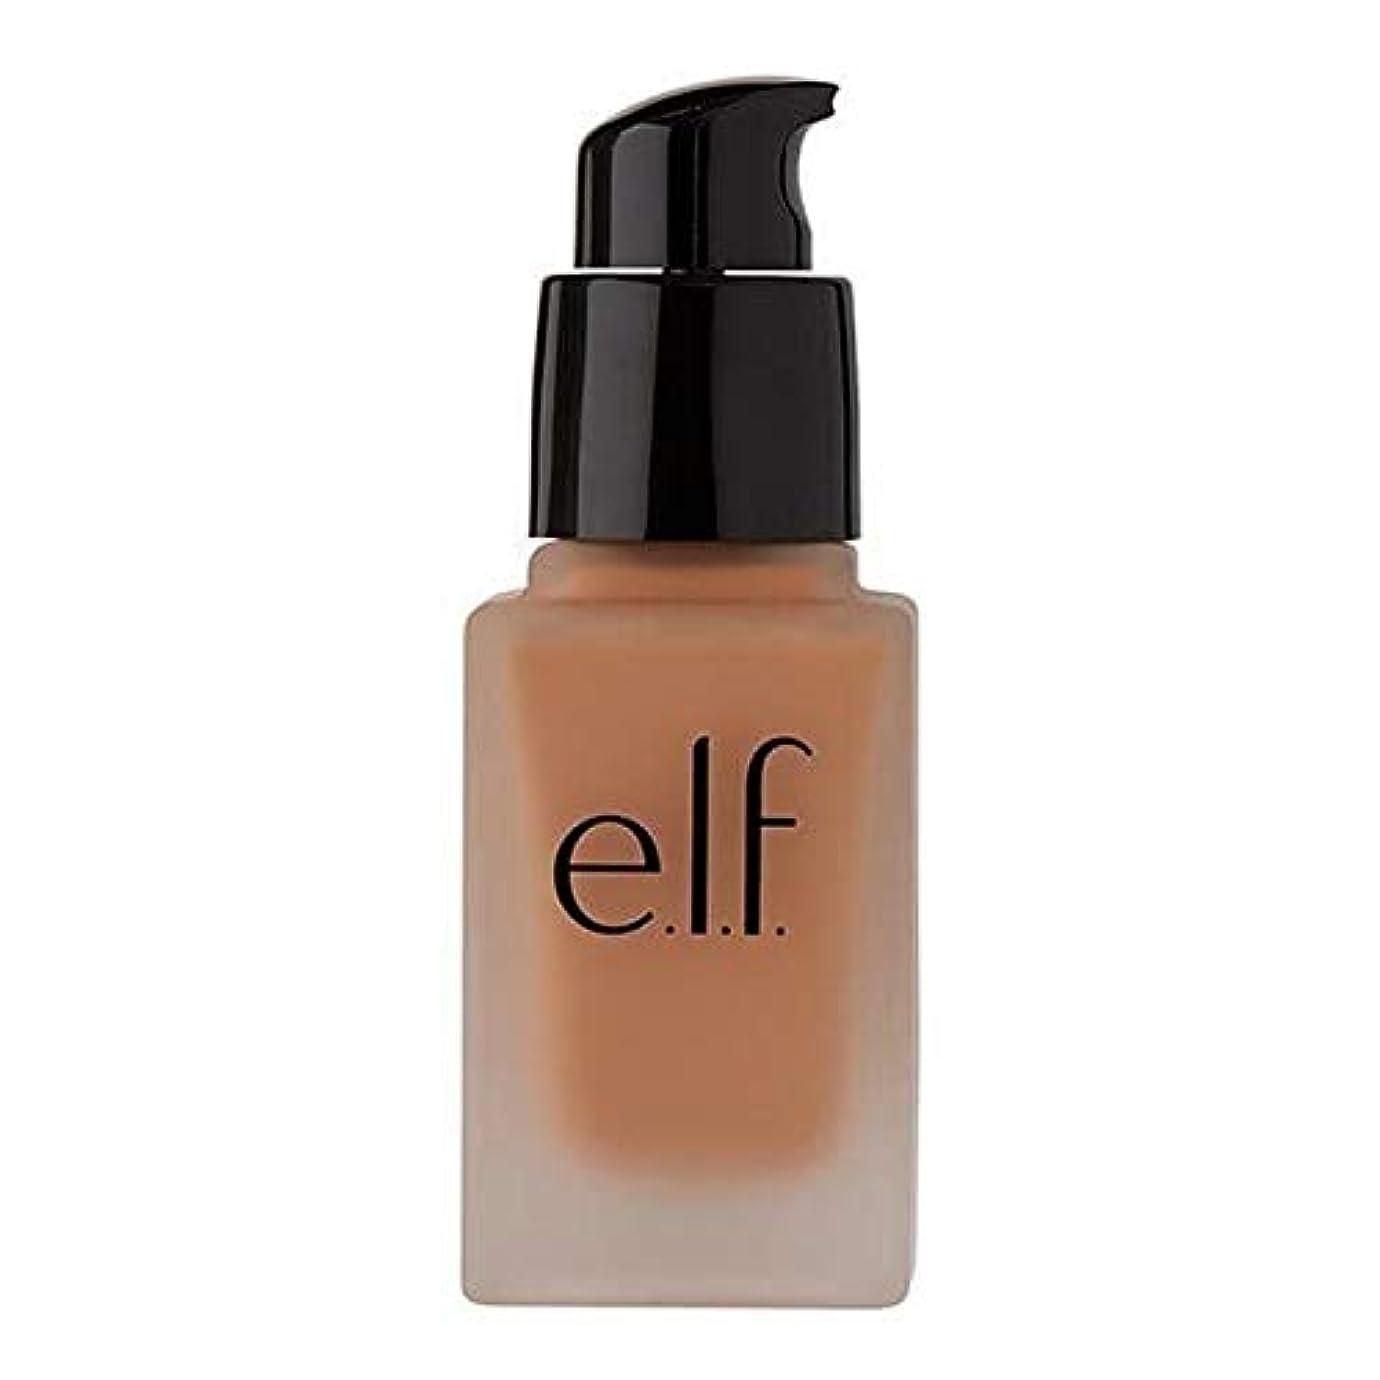 ラベパワーセル代数[Elf ] エルフ。完璧な仕上がりのファンデーションSpf 15キャラメル - e.l.f. Flawless Finish Foundation SPF 15 Caramel [並行輸入品]